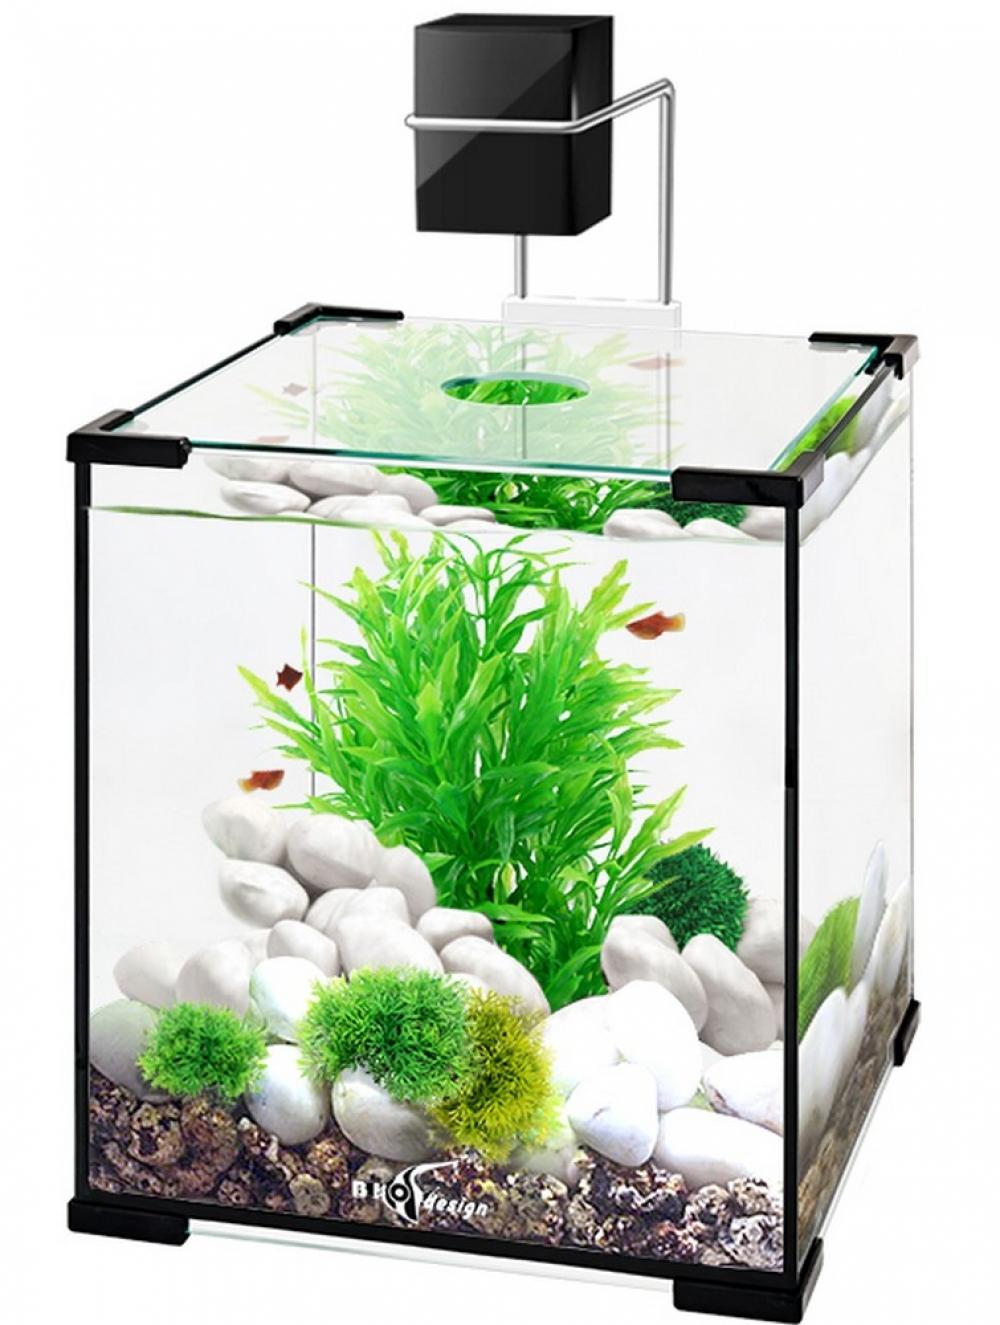 Светильник Биодизайн Q-LED MINI Natur Light 5 W - 1